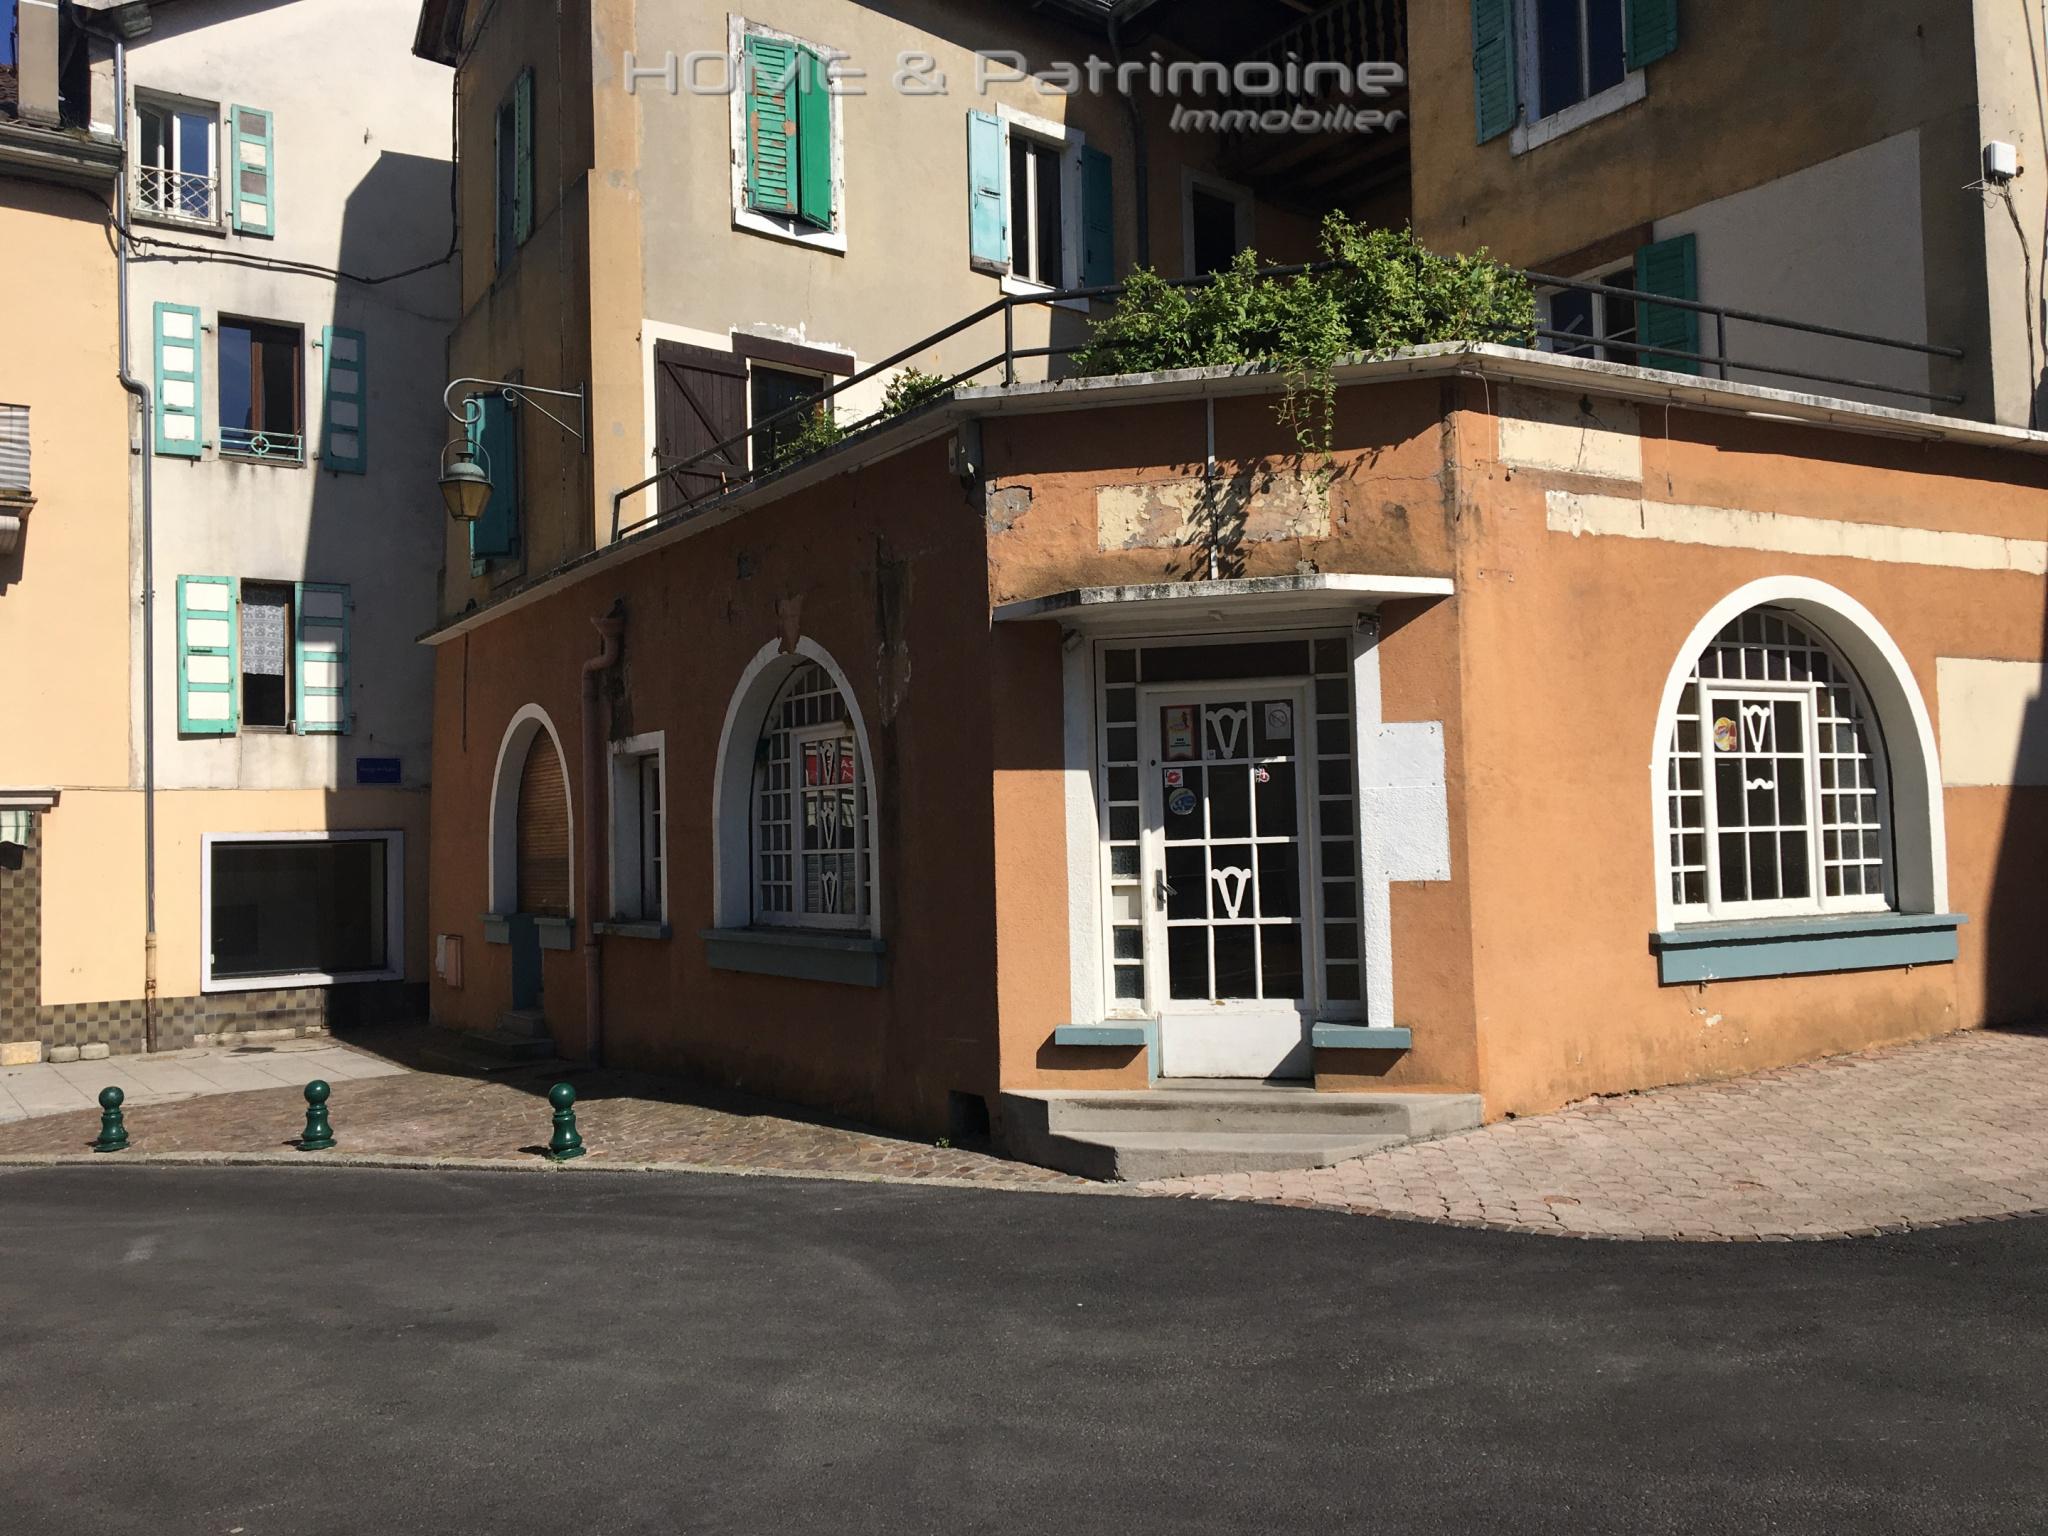 Vente de biens immobiliers pour professionnels commerces - Bureau de vente immobilier ...